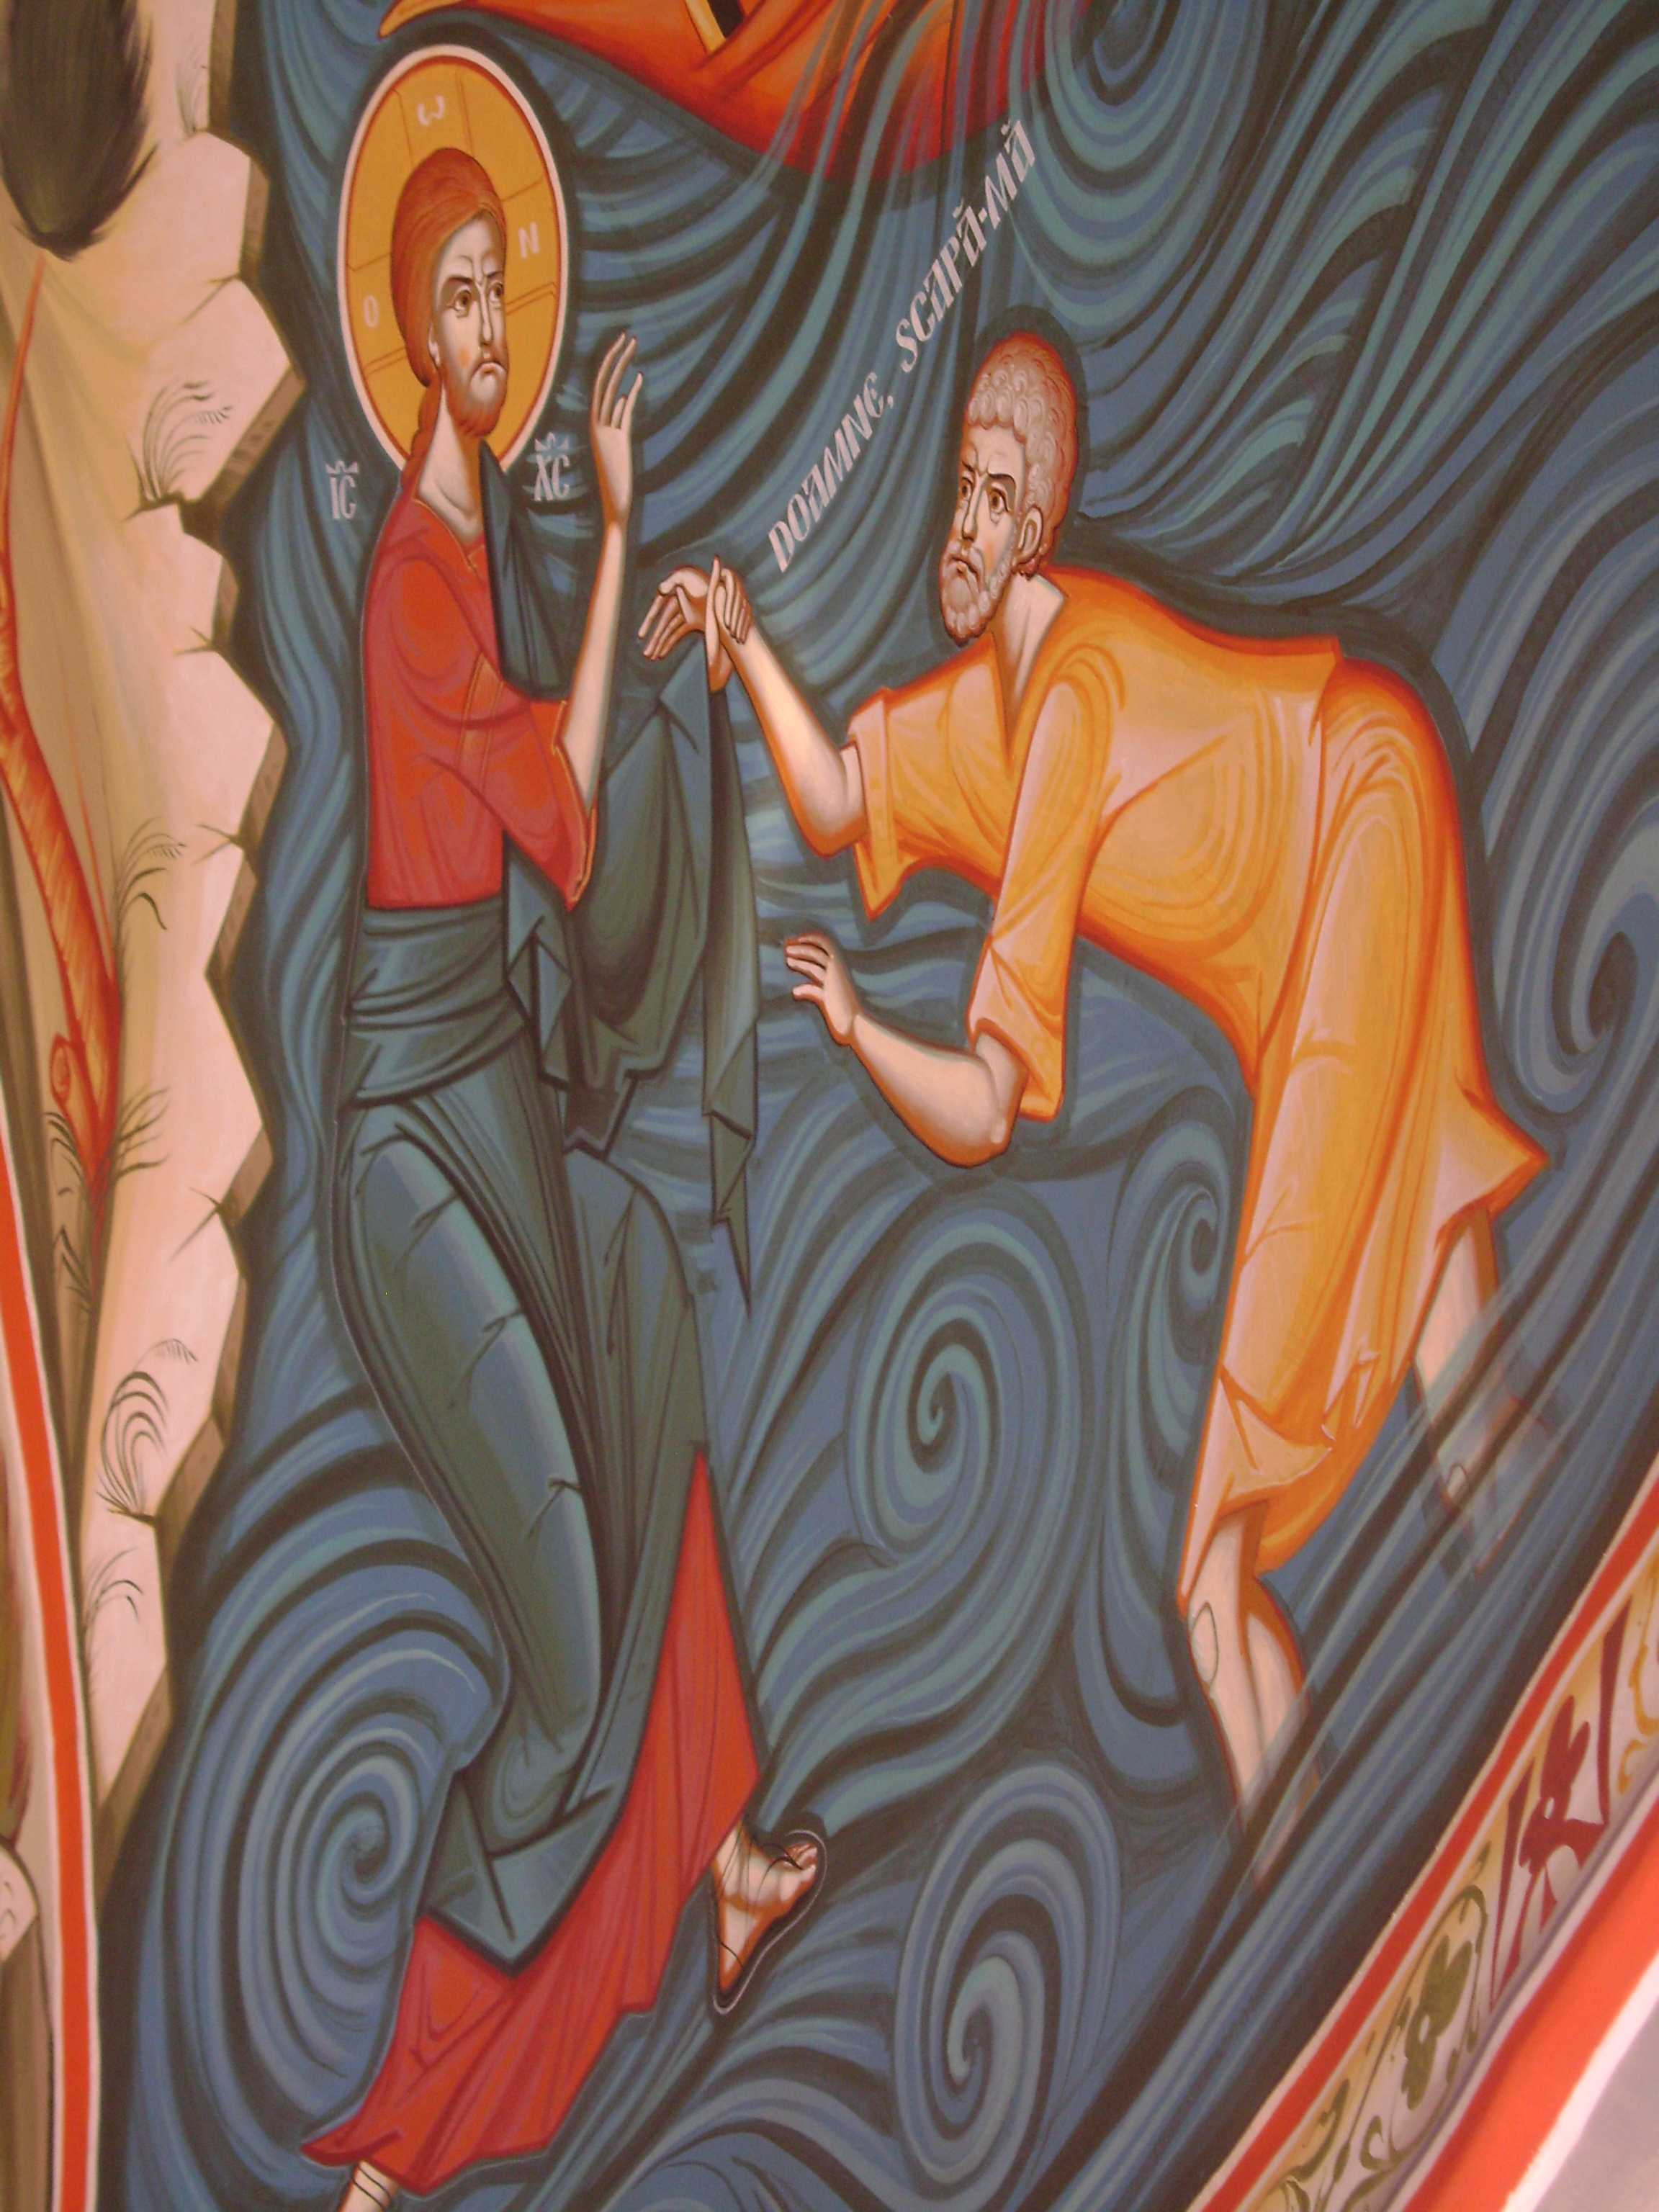 Psihiatrul ortodox Dmitri Avdeev despre RELATIILE DINTRE SOTI si PUTEREA RUGACIUNII MAMEI PENTRU FIII PIERDUTI